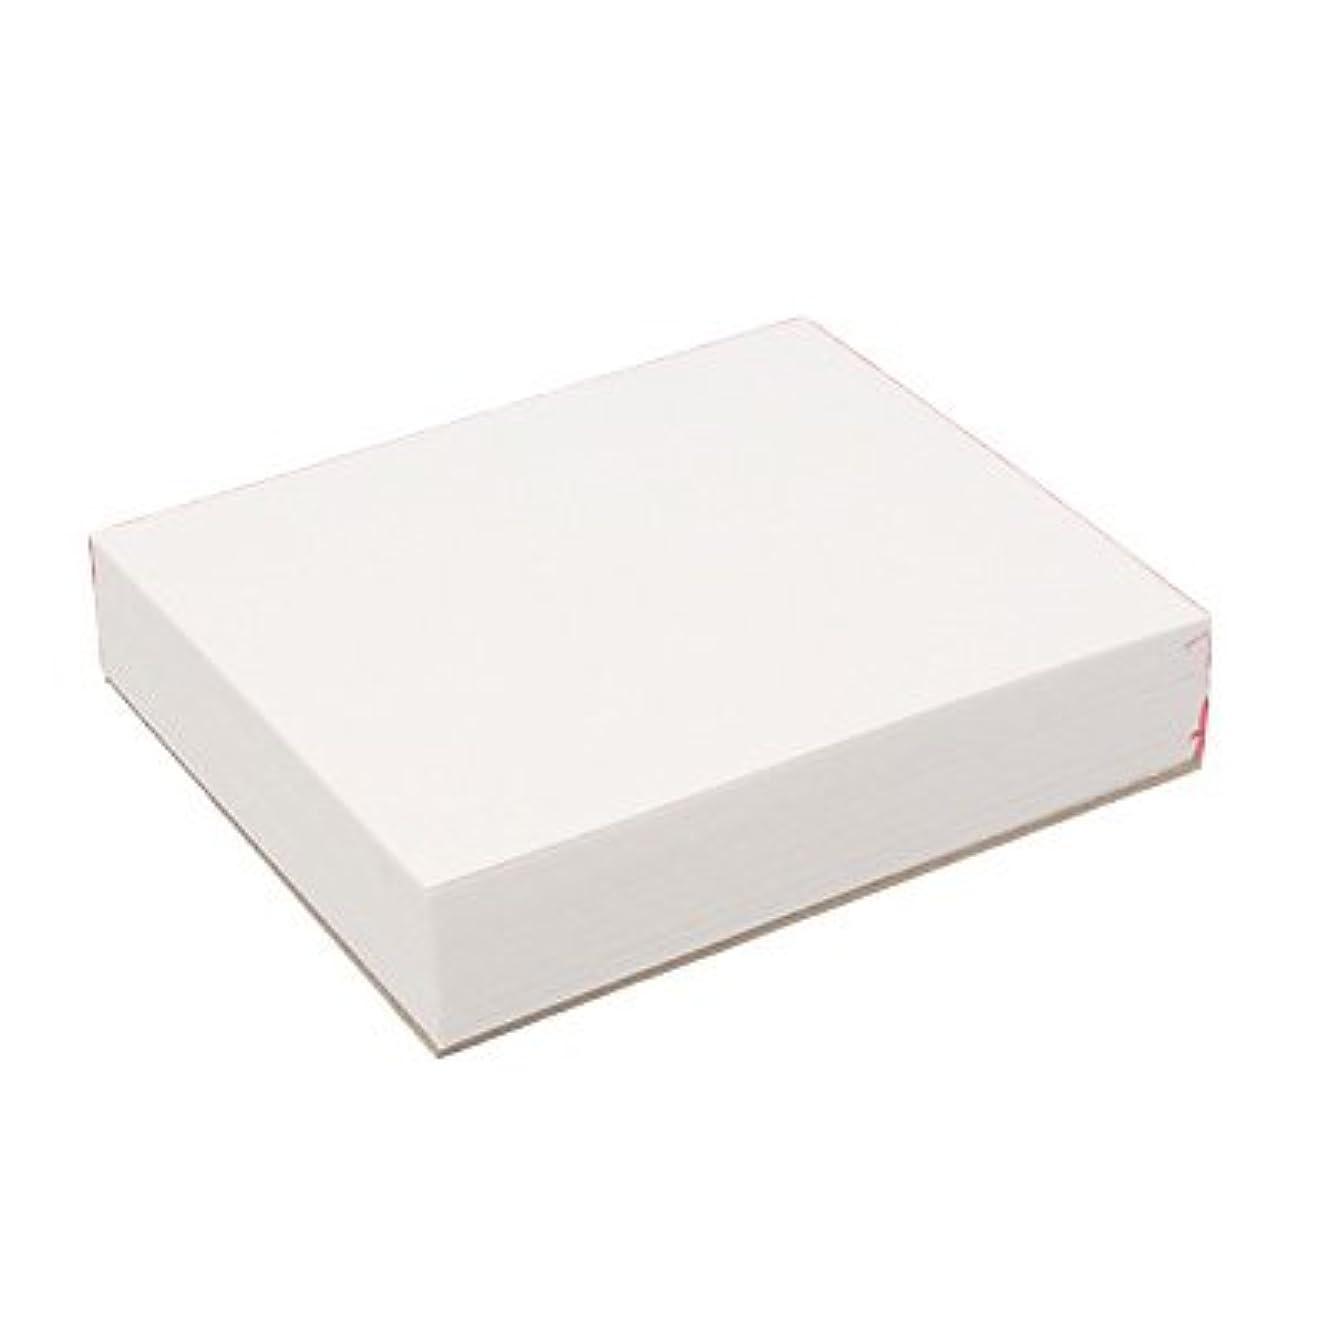 (ロータス)LOTUS 練板紙 NON-SKID 100枚×3冊入 (ネイルパレット ミキシングペーパー 底面滑り止め付)